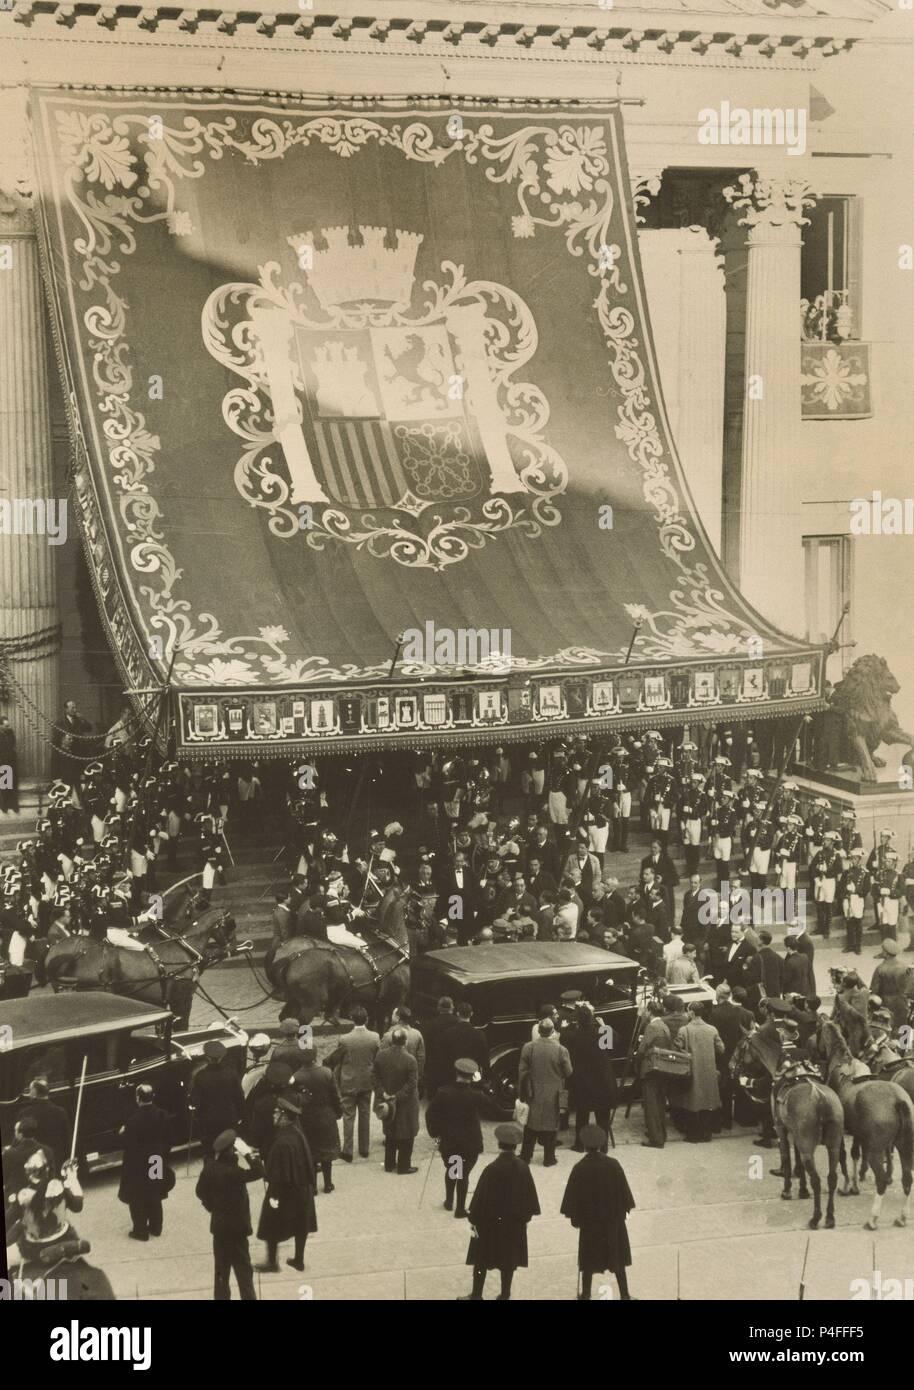 FOTOGRAFIA B/N-ALCALA ZAMORA Y SU GABINETE EN LA ENTRADA AL CONGRESO 1931-Nº INV 23297. Location: MUSEO DE HISTORIA-FOTOGRAFIAS, MADRID. Stock Photo